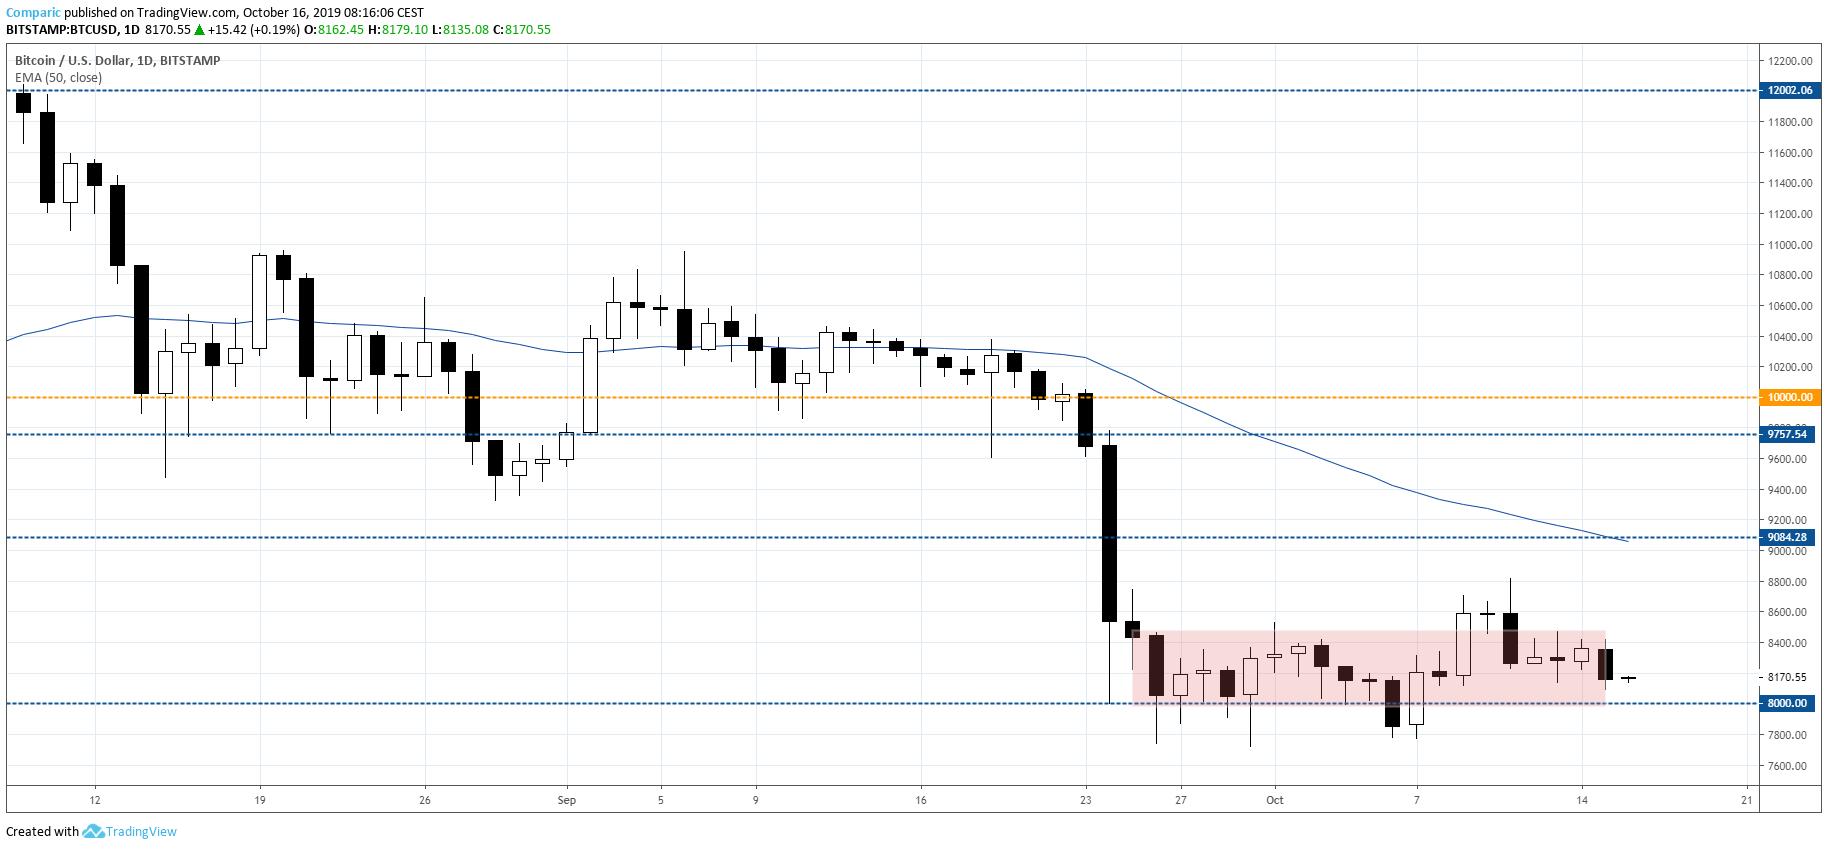 Bitcoin w stagnacji kolejny tydzień z rzędu. Kurs BTC jest blokowany przez wąską konsolidację od niemal miesiąca. Tradingview.com